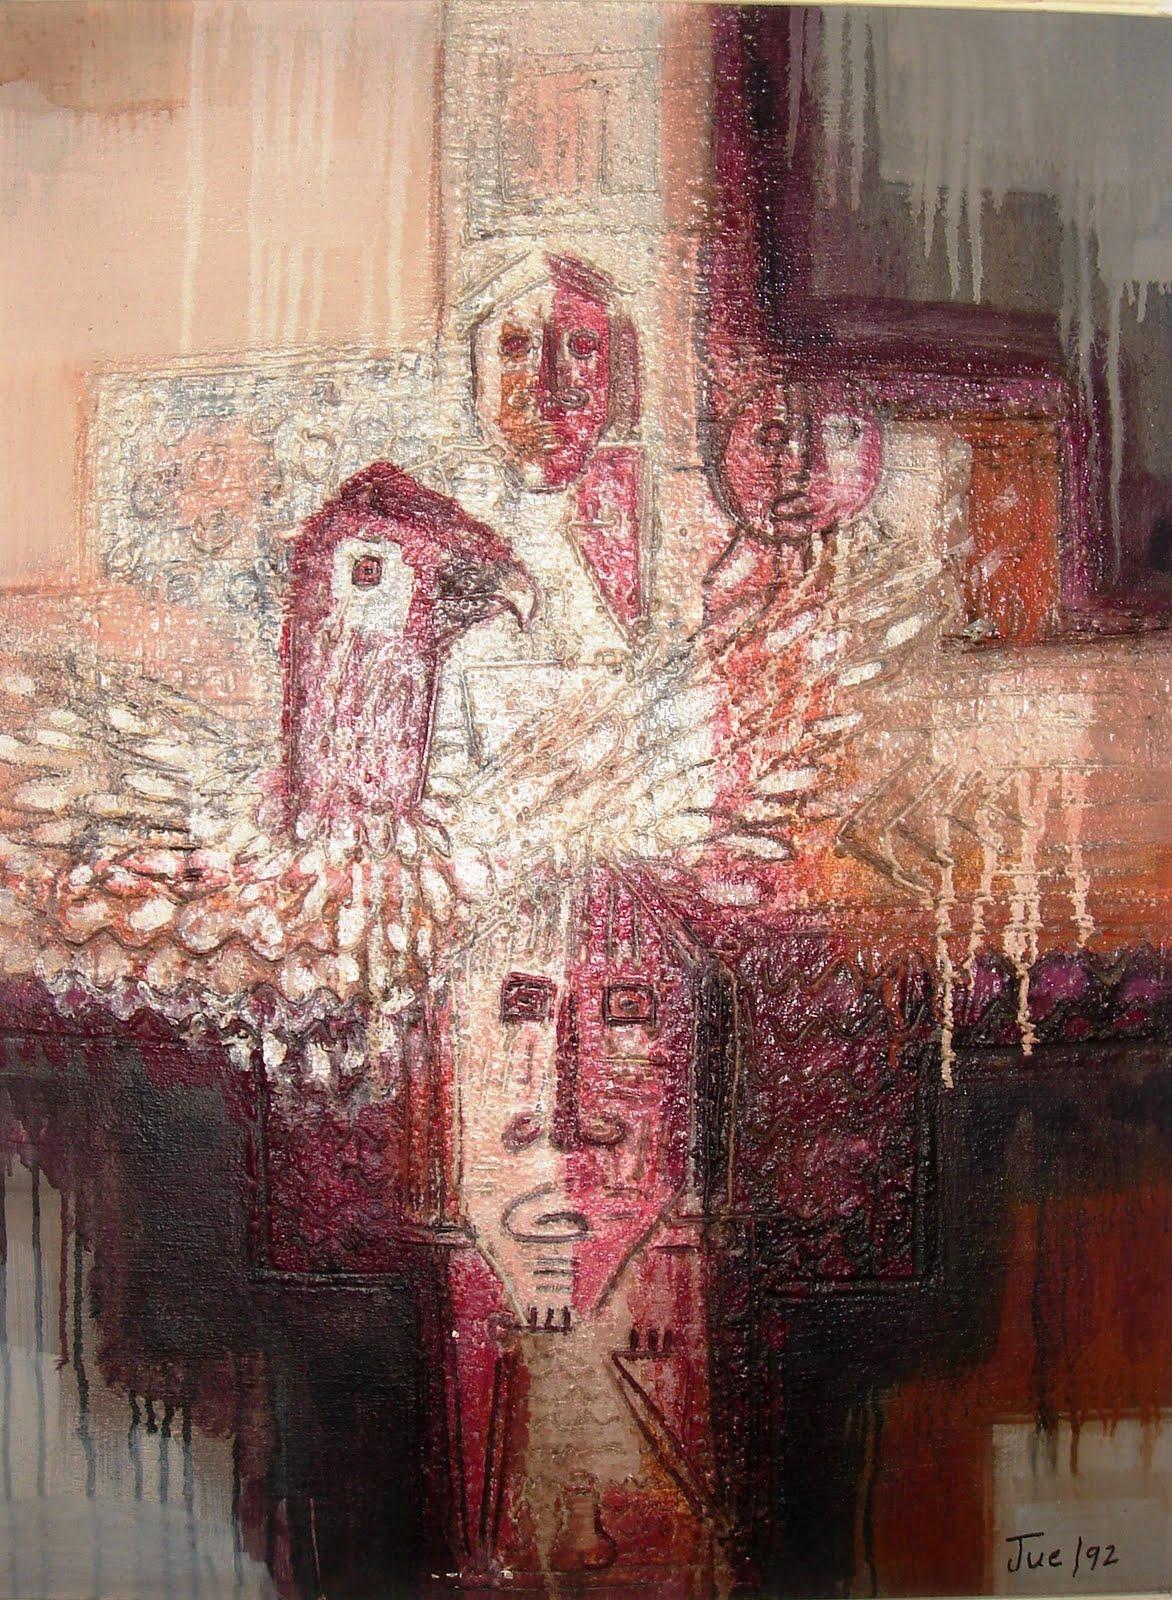 Carlos juez pintor colombiano for Pintor y muralista colombiano